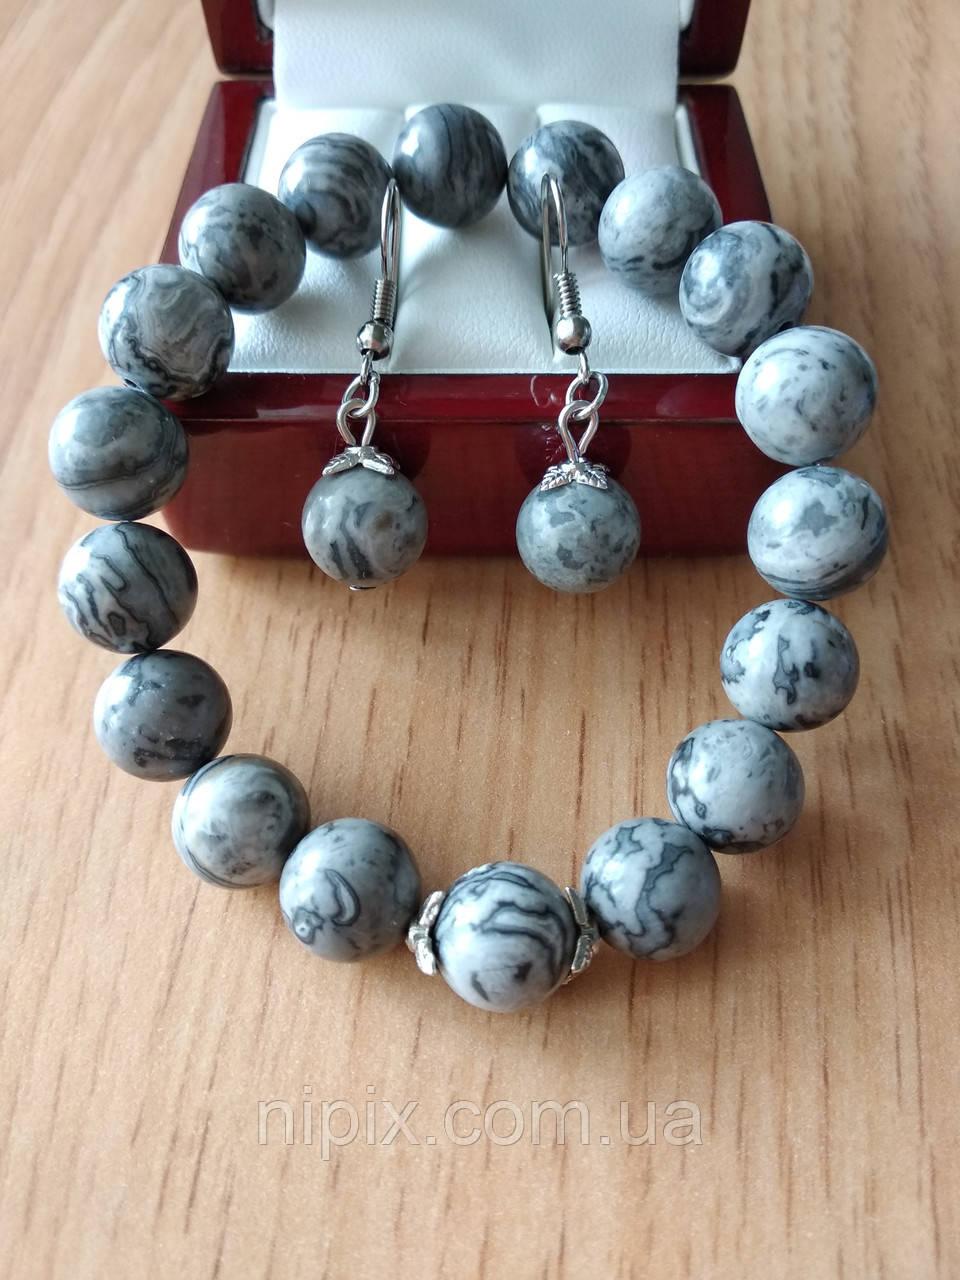 Комплект из мраморной яшмы серого цвета - браслет и серьги